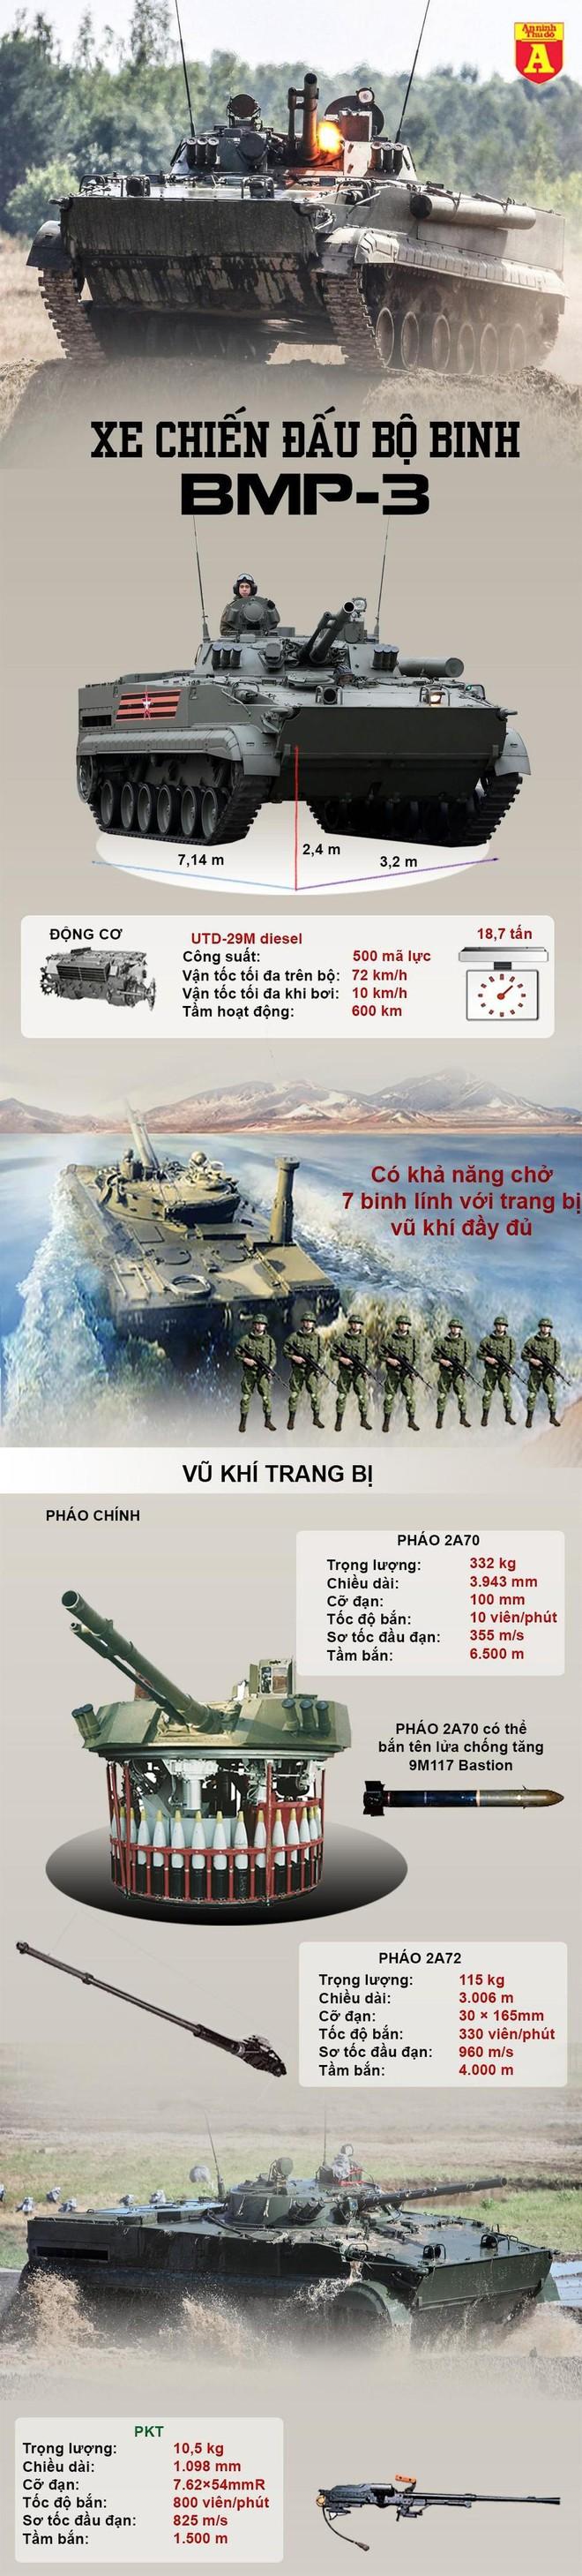 [Info] 'Nữ hoàng bộ binh' BMP-3 Azerbaijan bị xé nát khi trúng đạn pháo Armenia ảnh 4